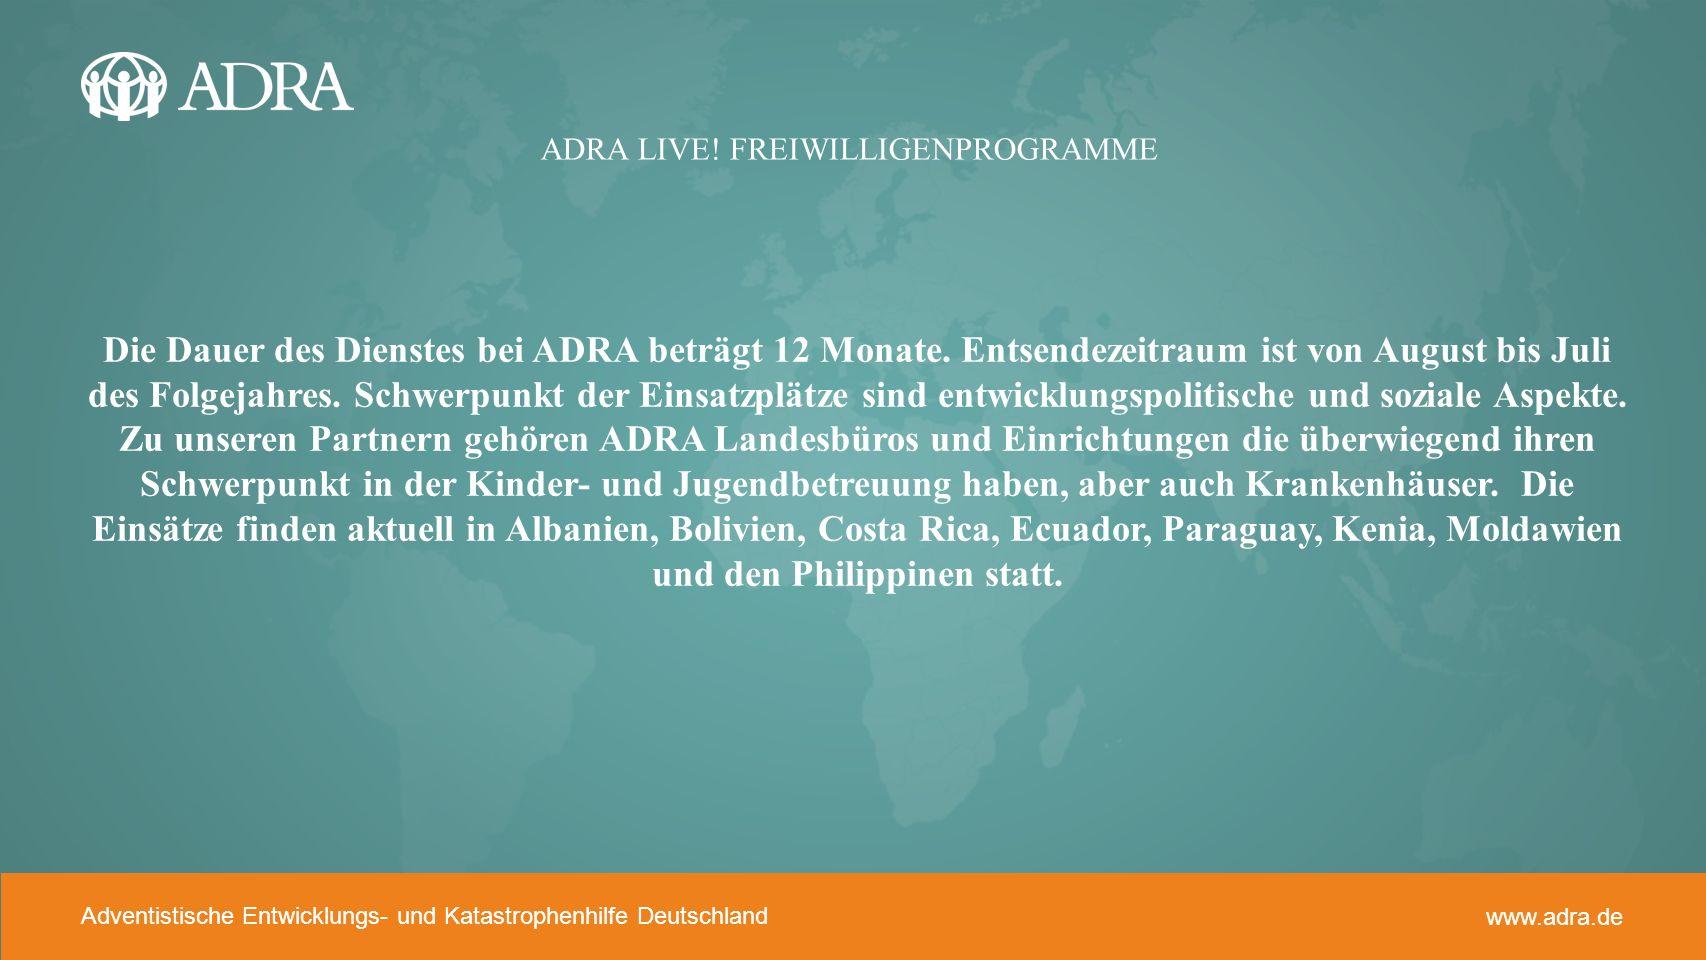 Adventistische Entwicklungs- und Katastrophenhilfe www.adra.de Adventistische Entwicklungs- und Katastrophenhilfe Deutschland www.adra.de ADRA LIVE! F